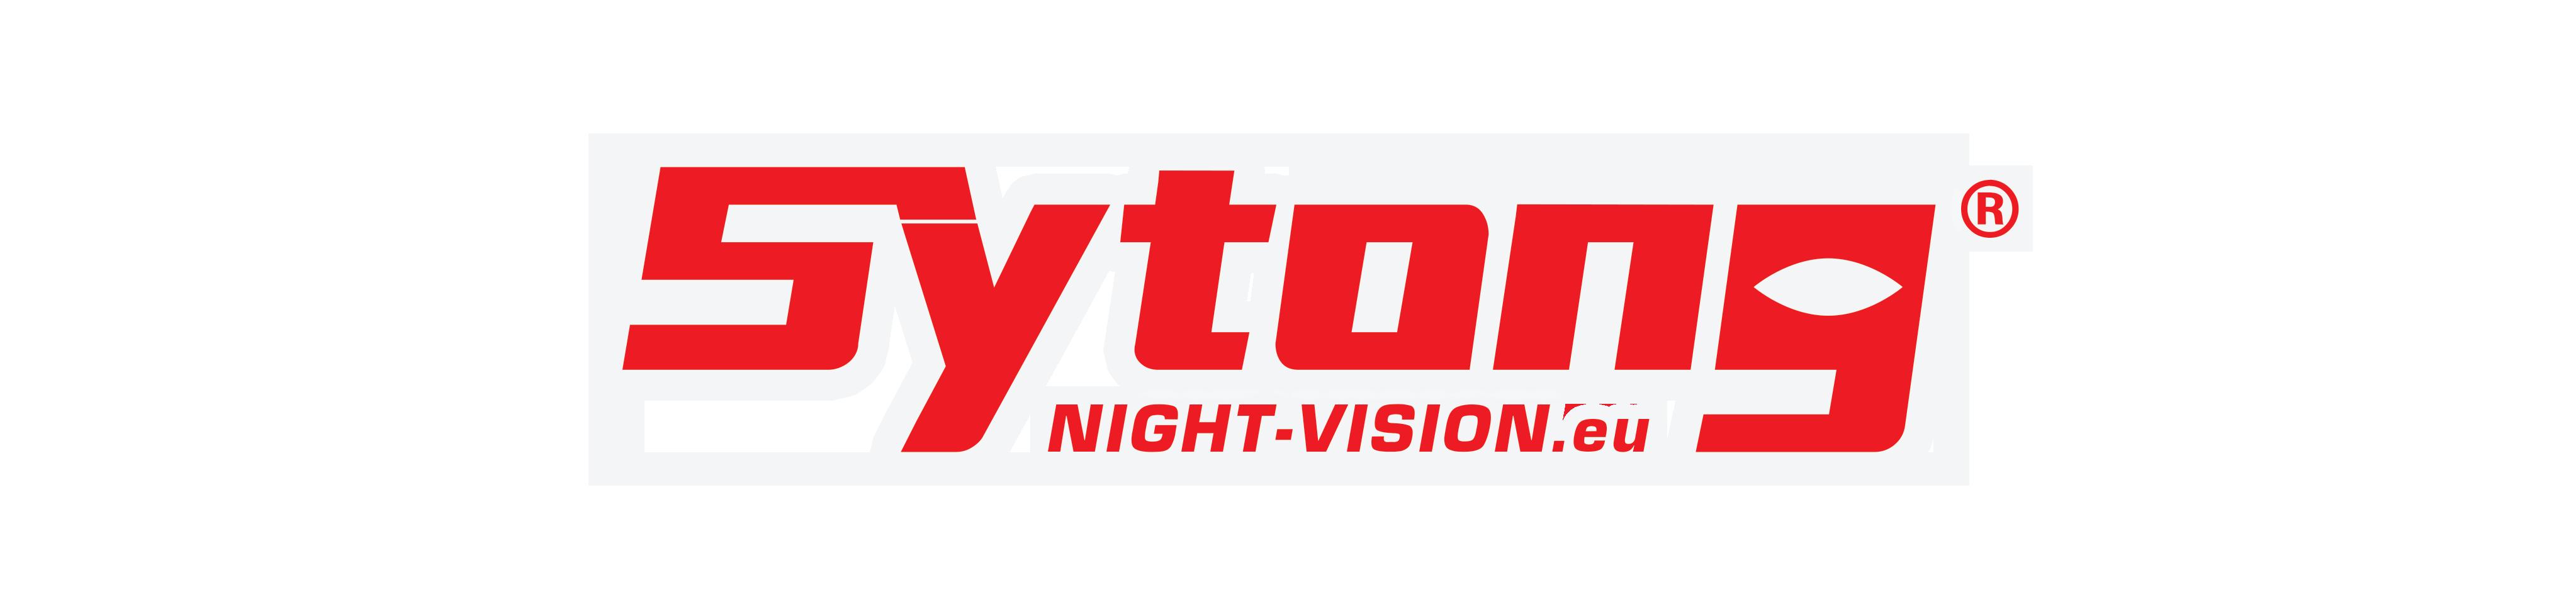 SYTONG NIGHT VISION